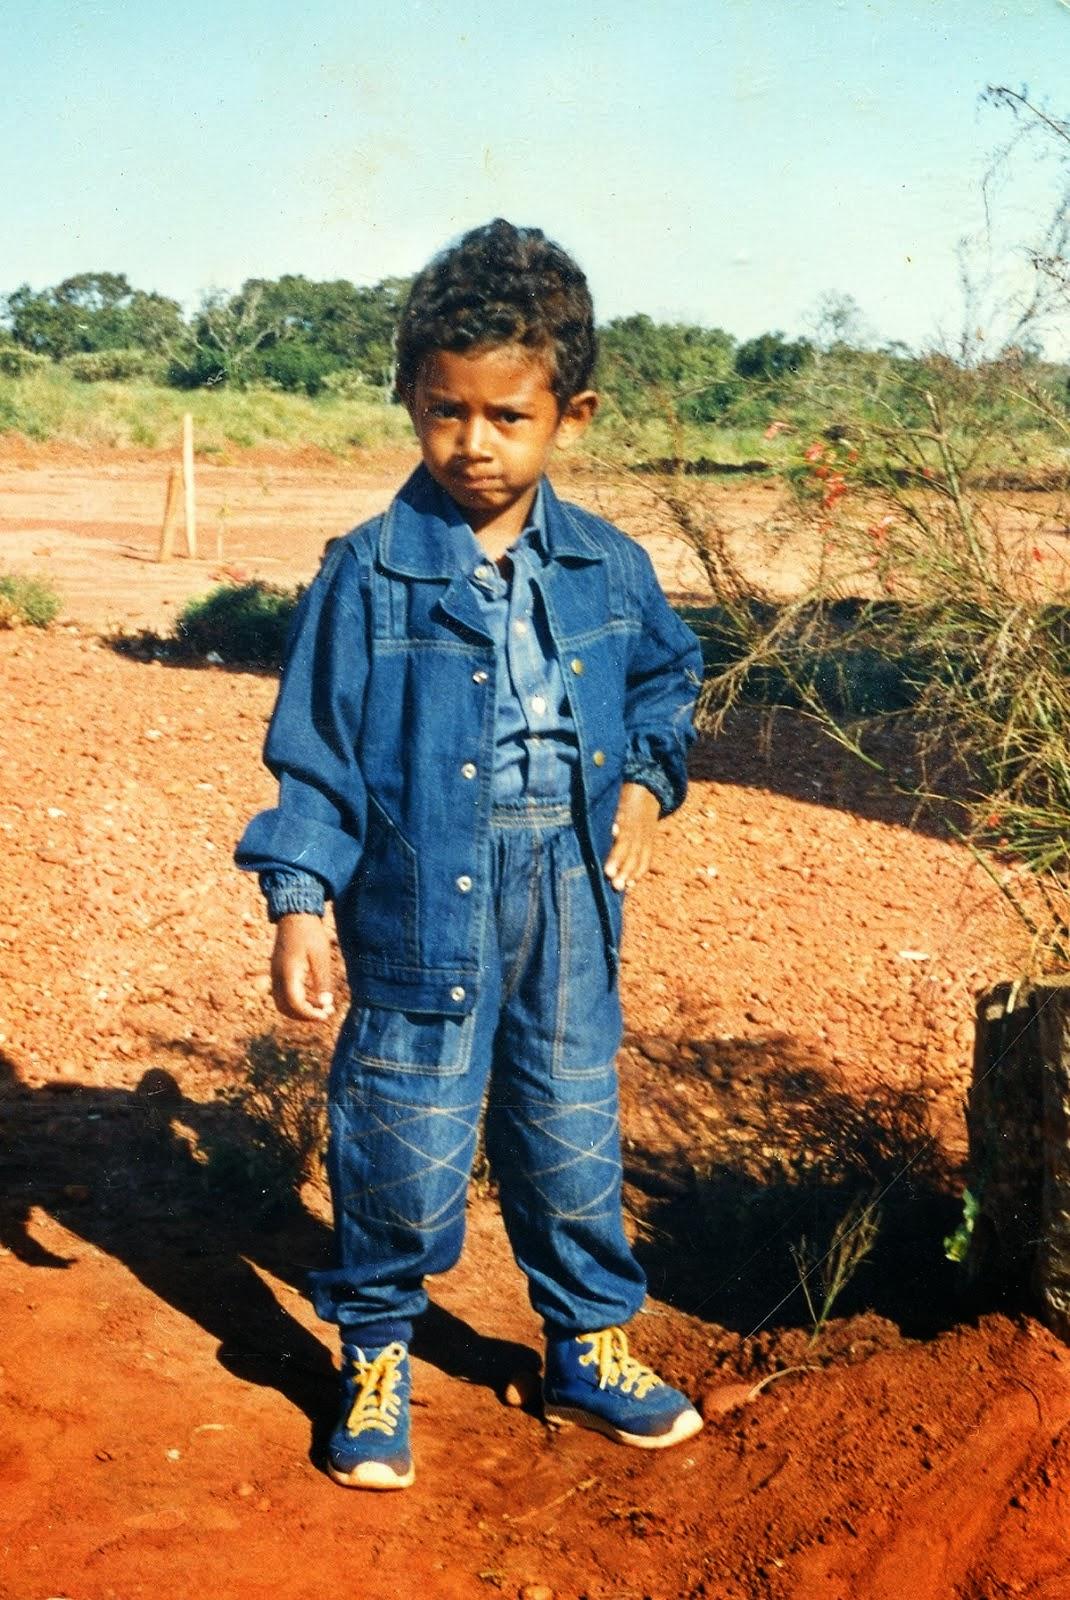 Douglas S. Nogueira - Fevereiro/1988 - 3 anos